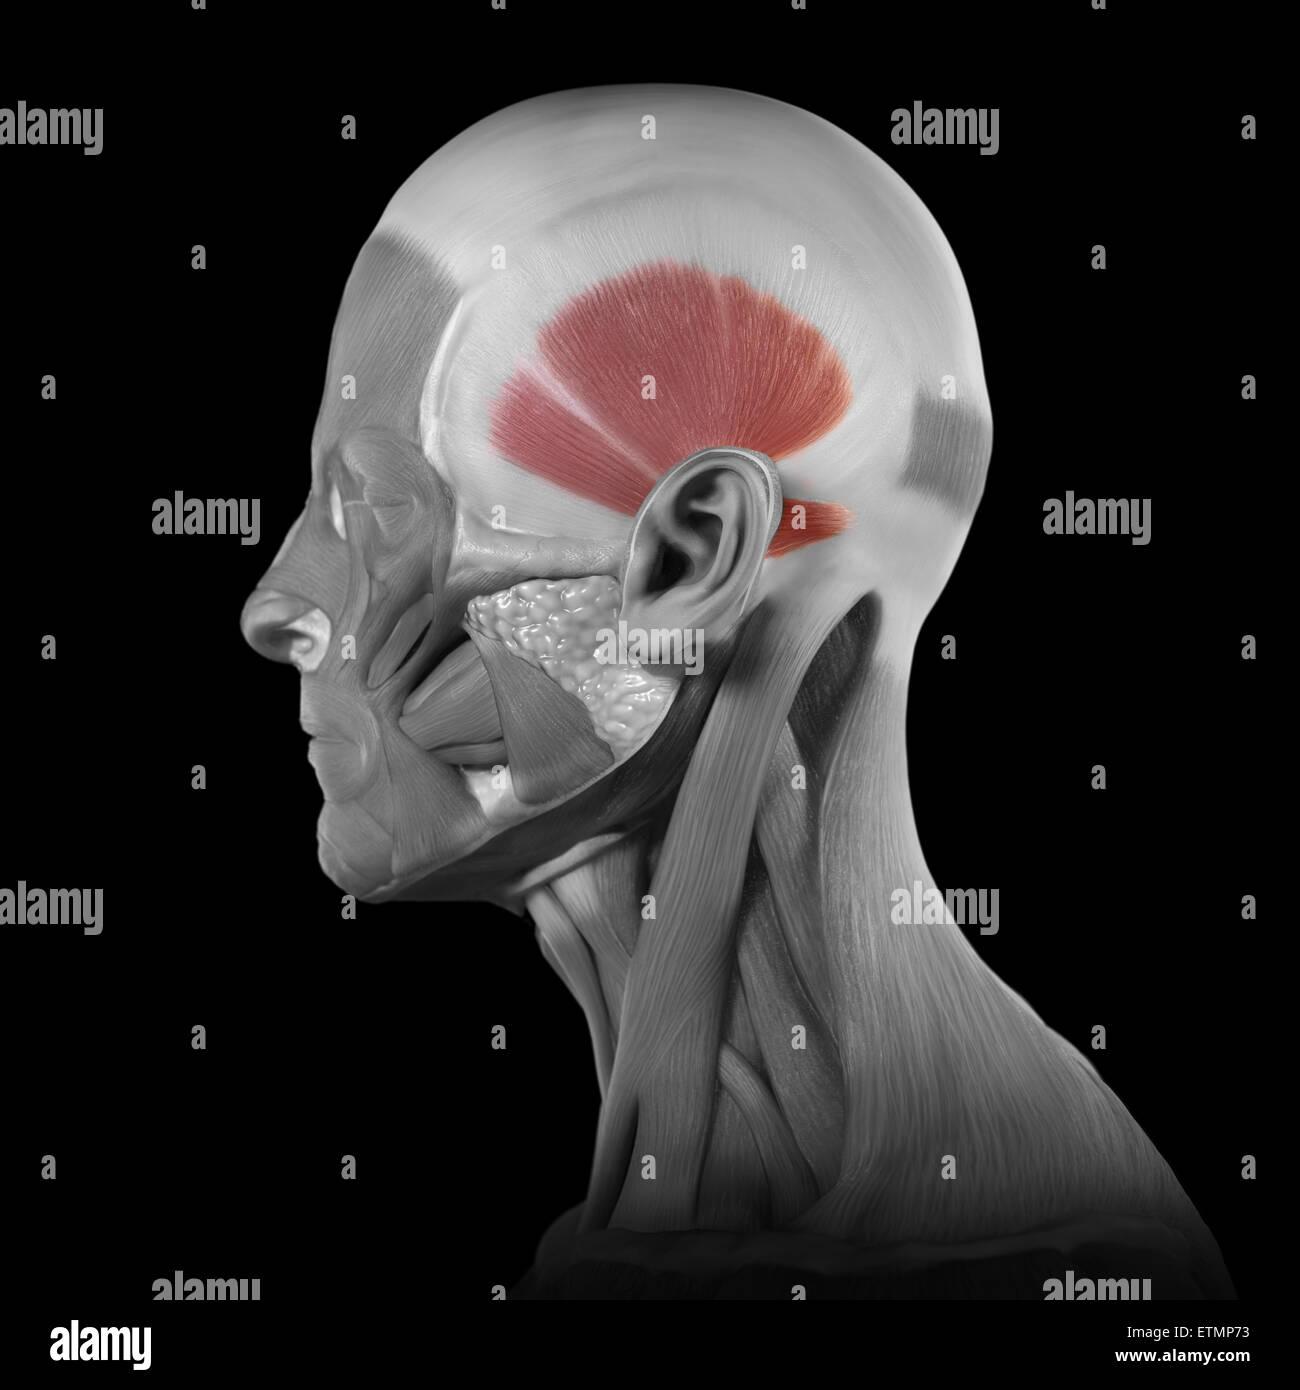 Konzeptbild der Muskeln des Gesichts mit den Temporalis-Muskeln ...